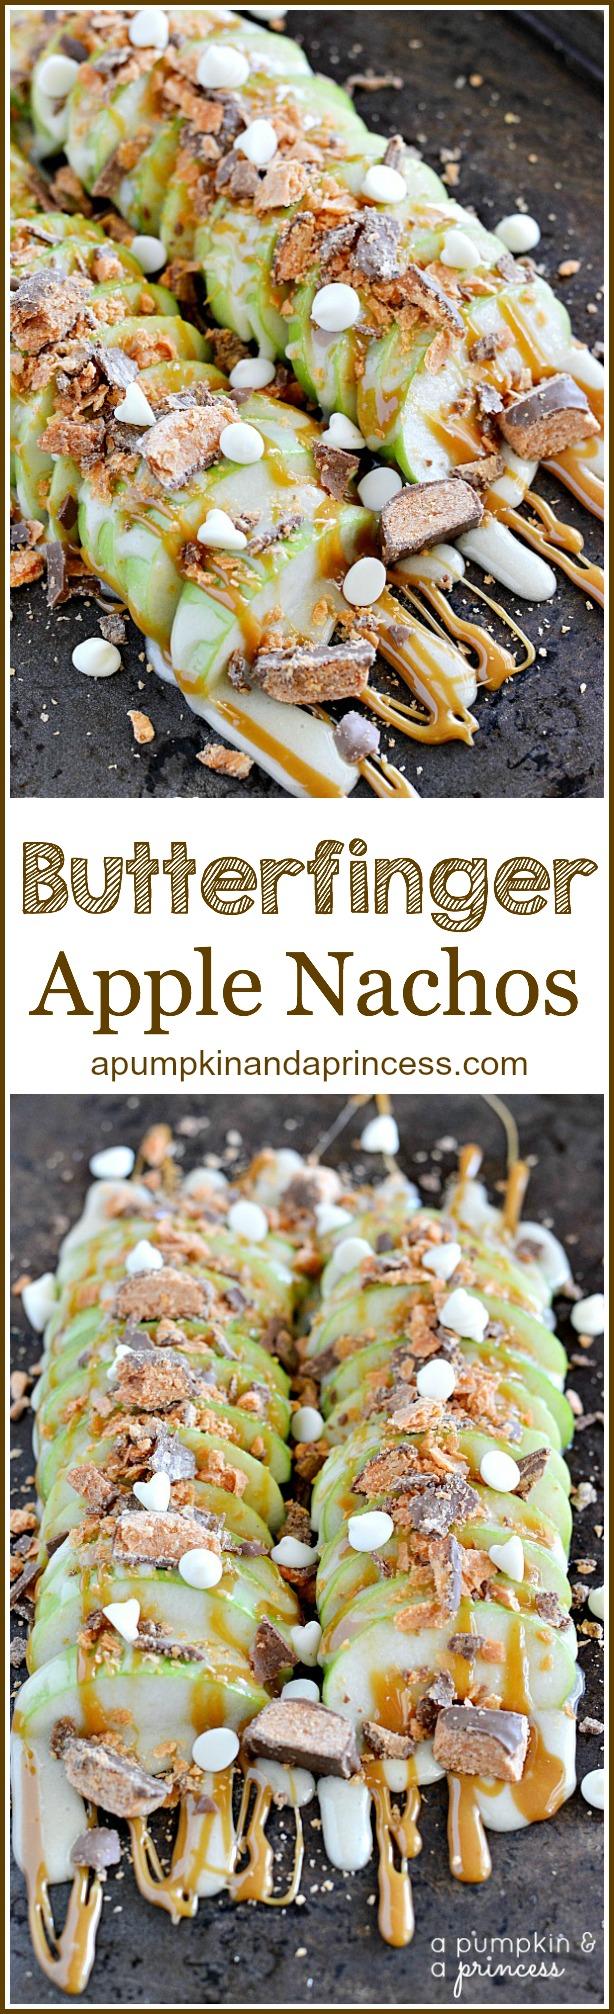 Butterfinger Apple Nachos